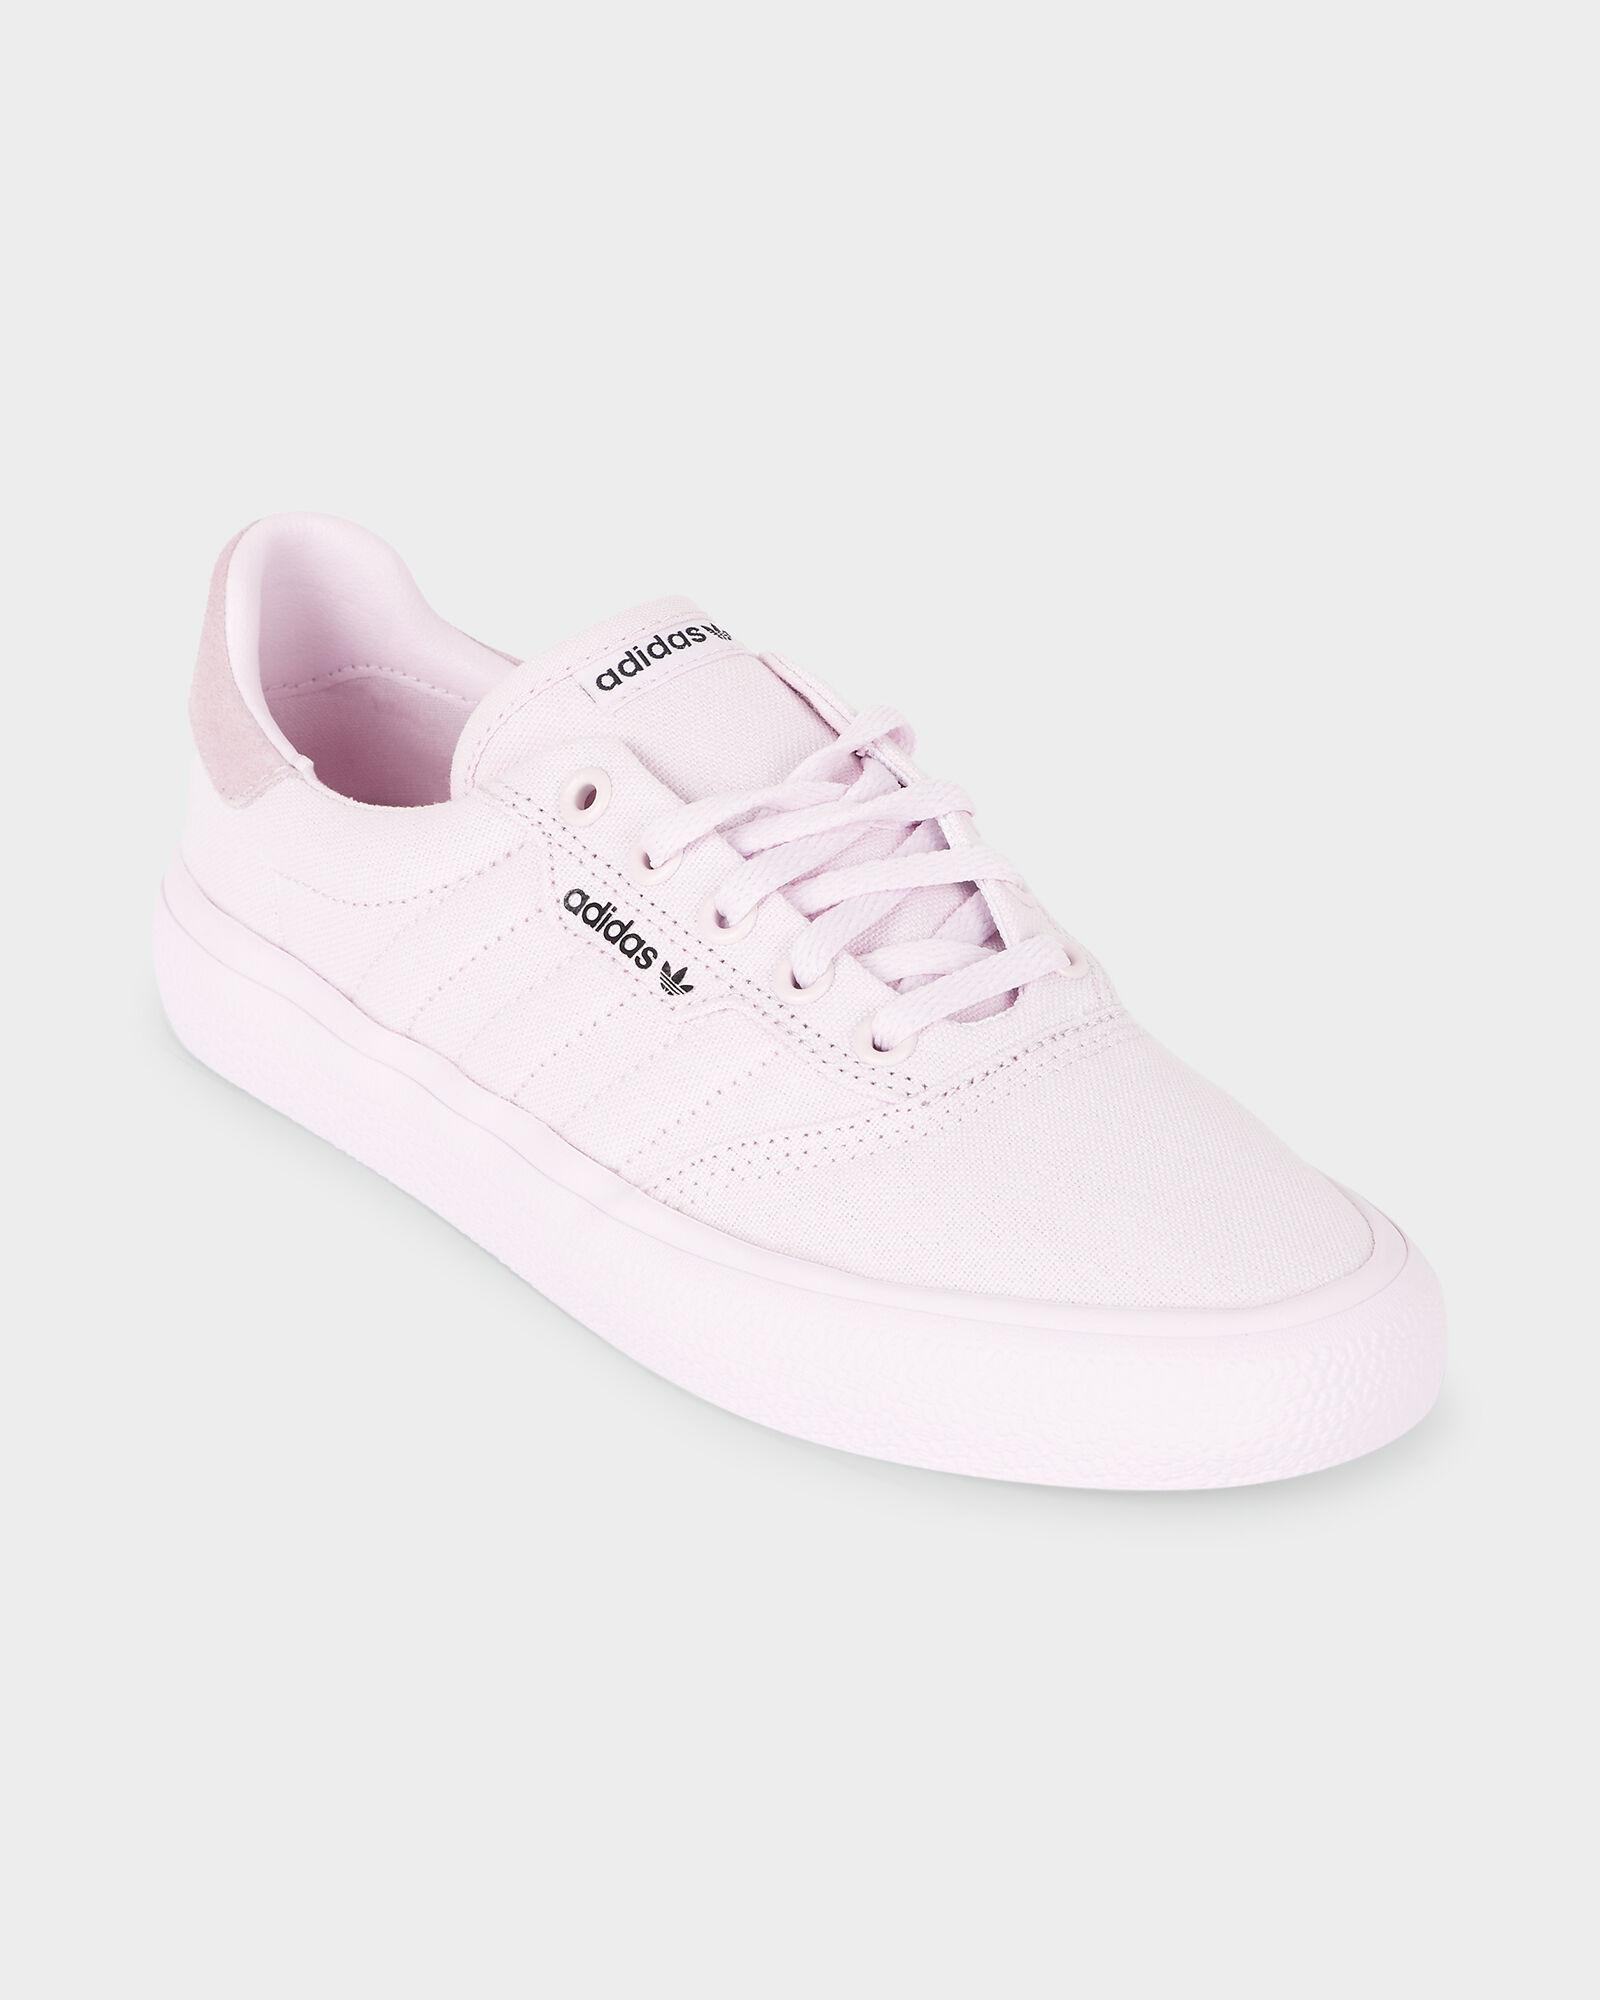 Adidas 3MC Skate Shoes Free Shipping | Tactics